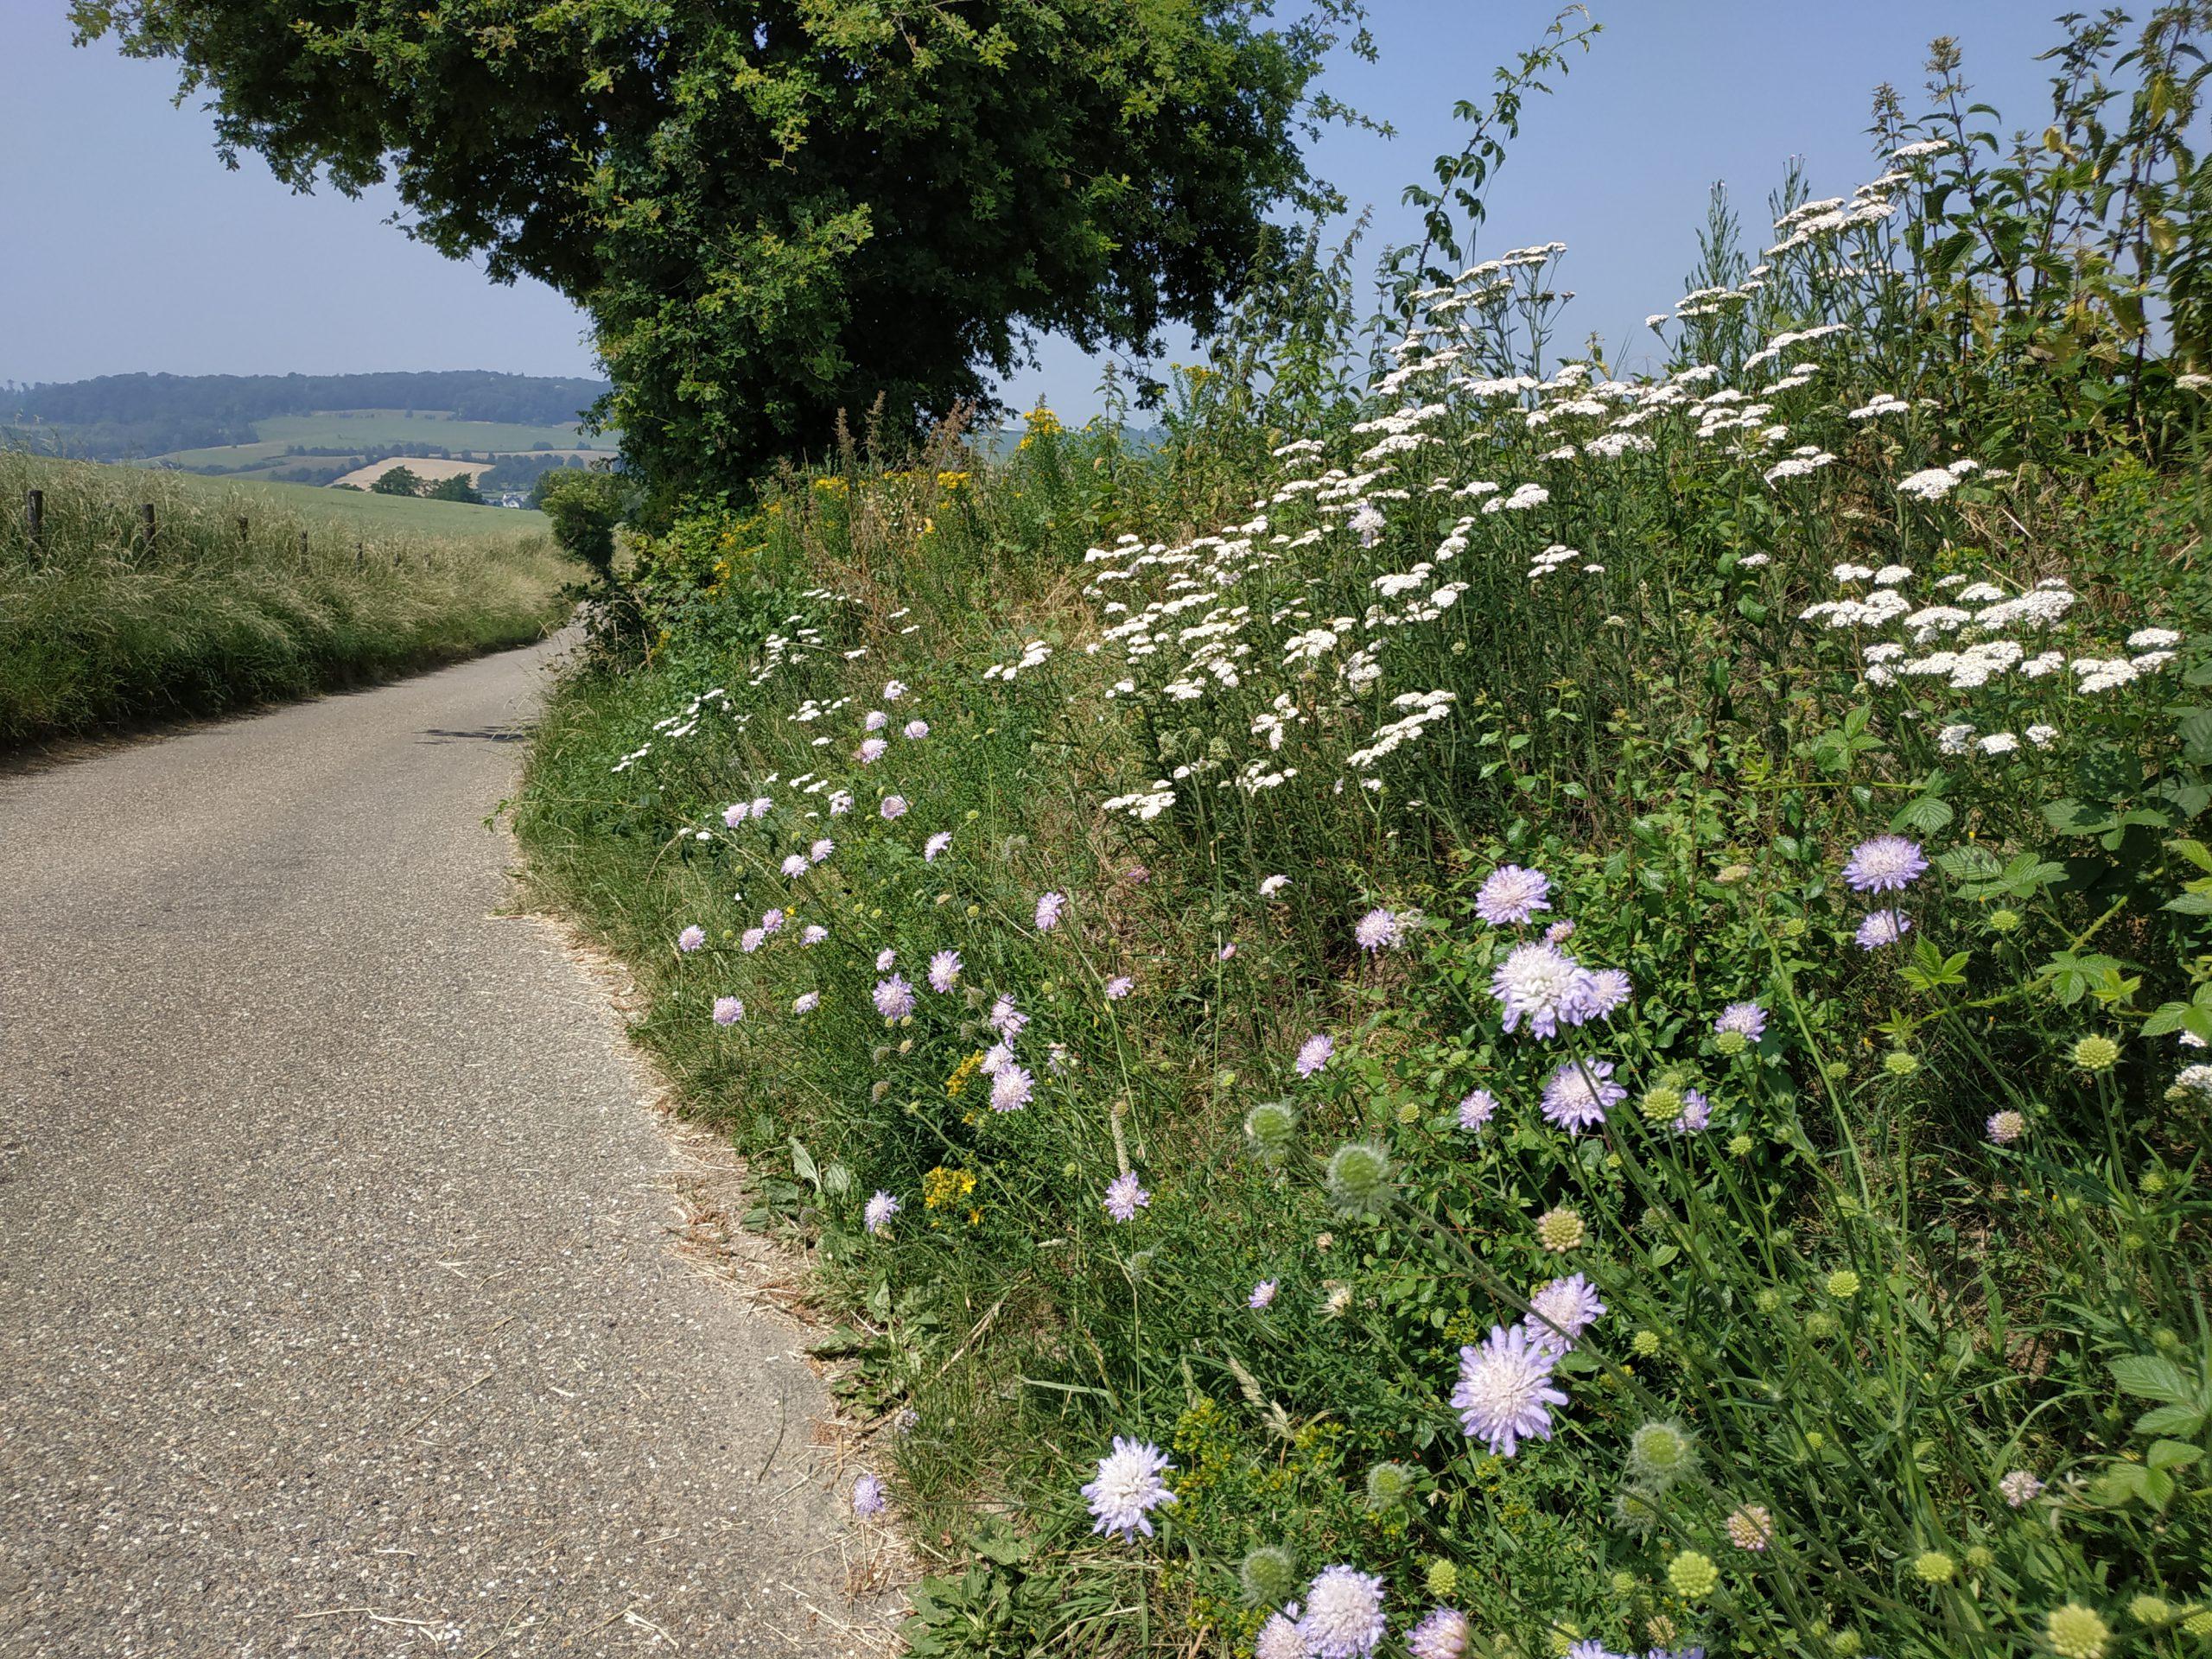 Ook wegbermen in het Geuldal bevatten veel soorten bloeiende planten. Foto M.F. van der Schee